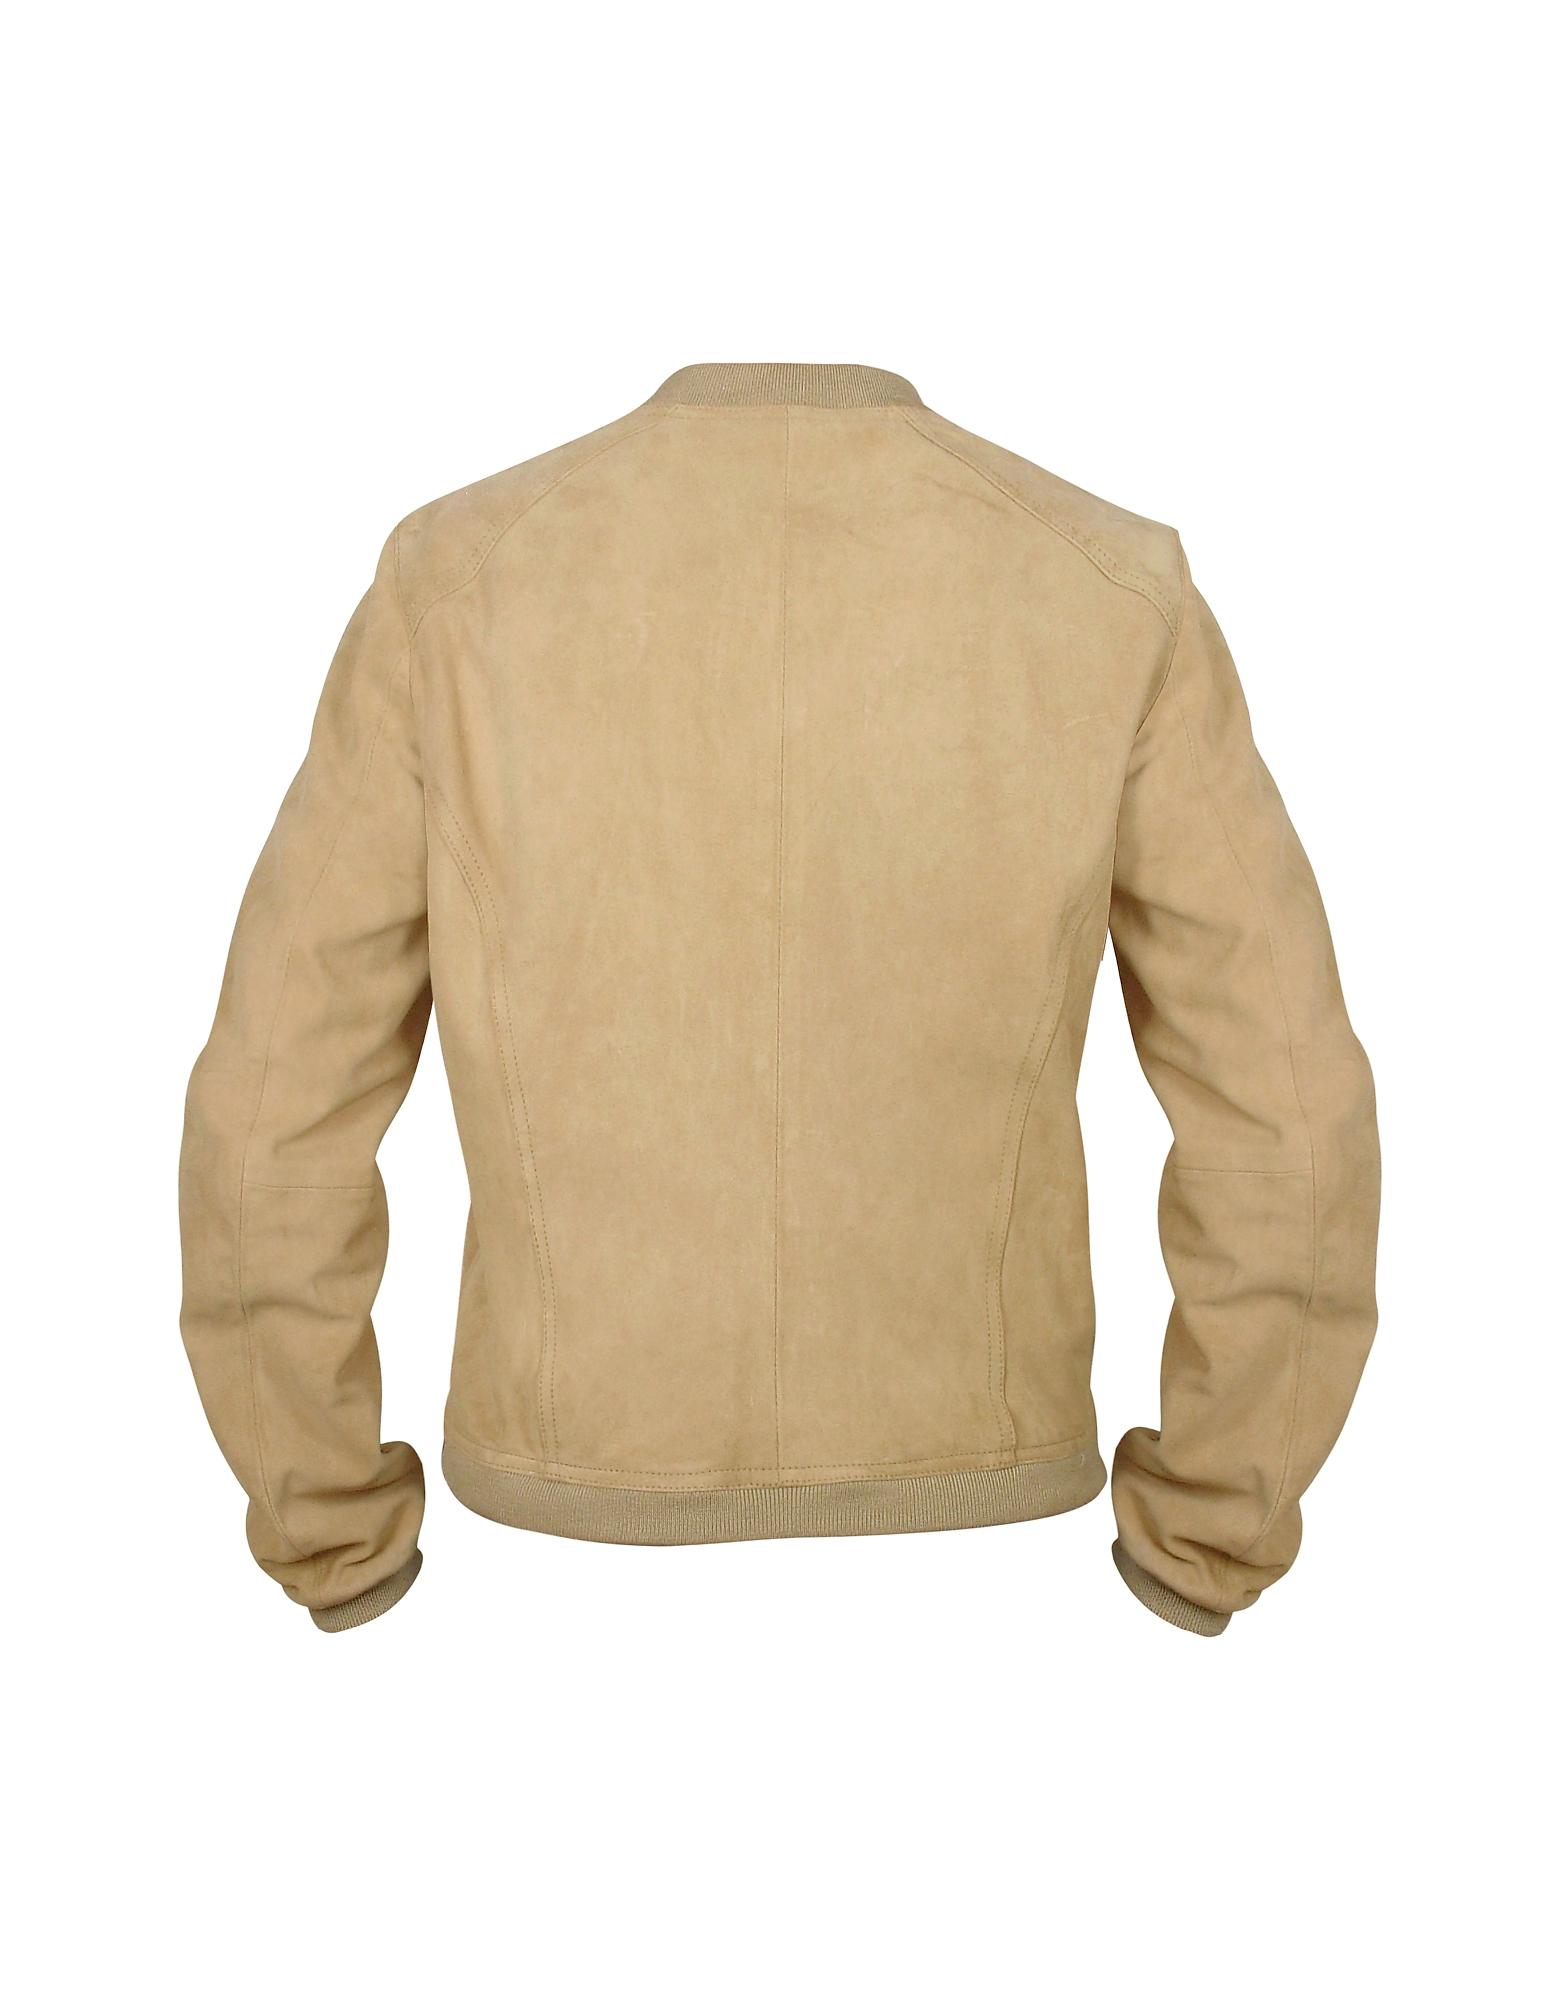 Women's Light Brown Suede Zip Jacket от Forzieri.com INT